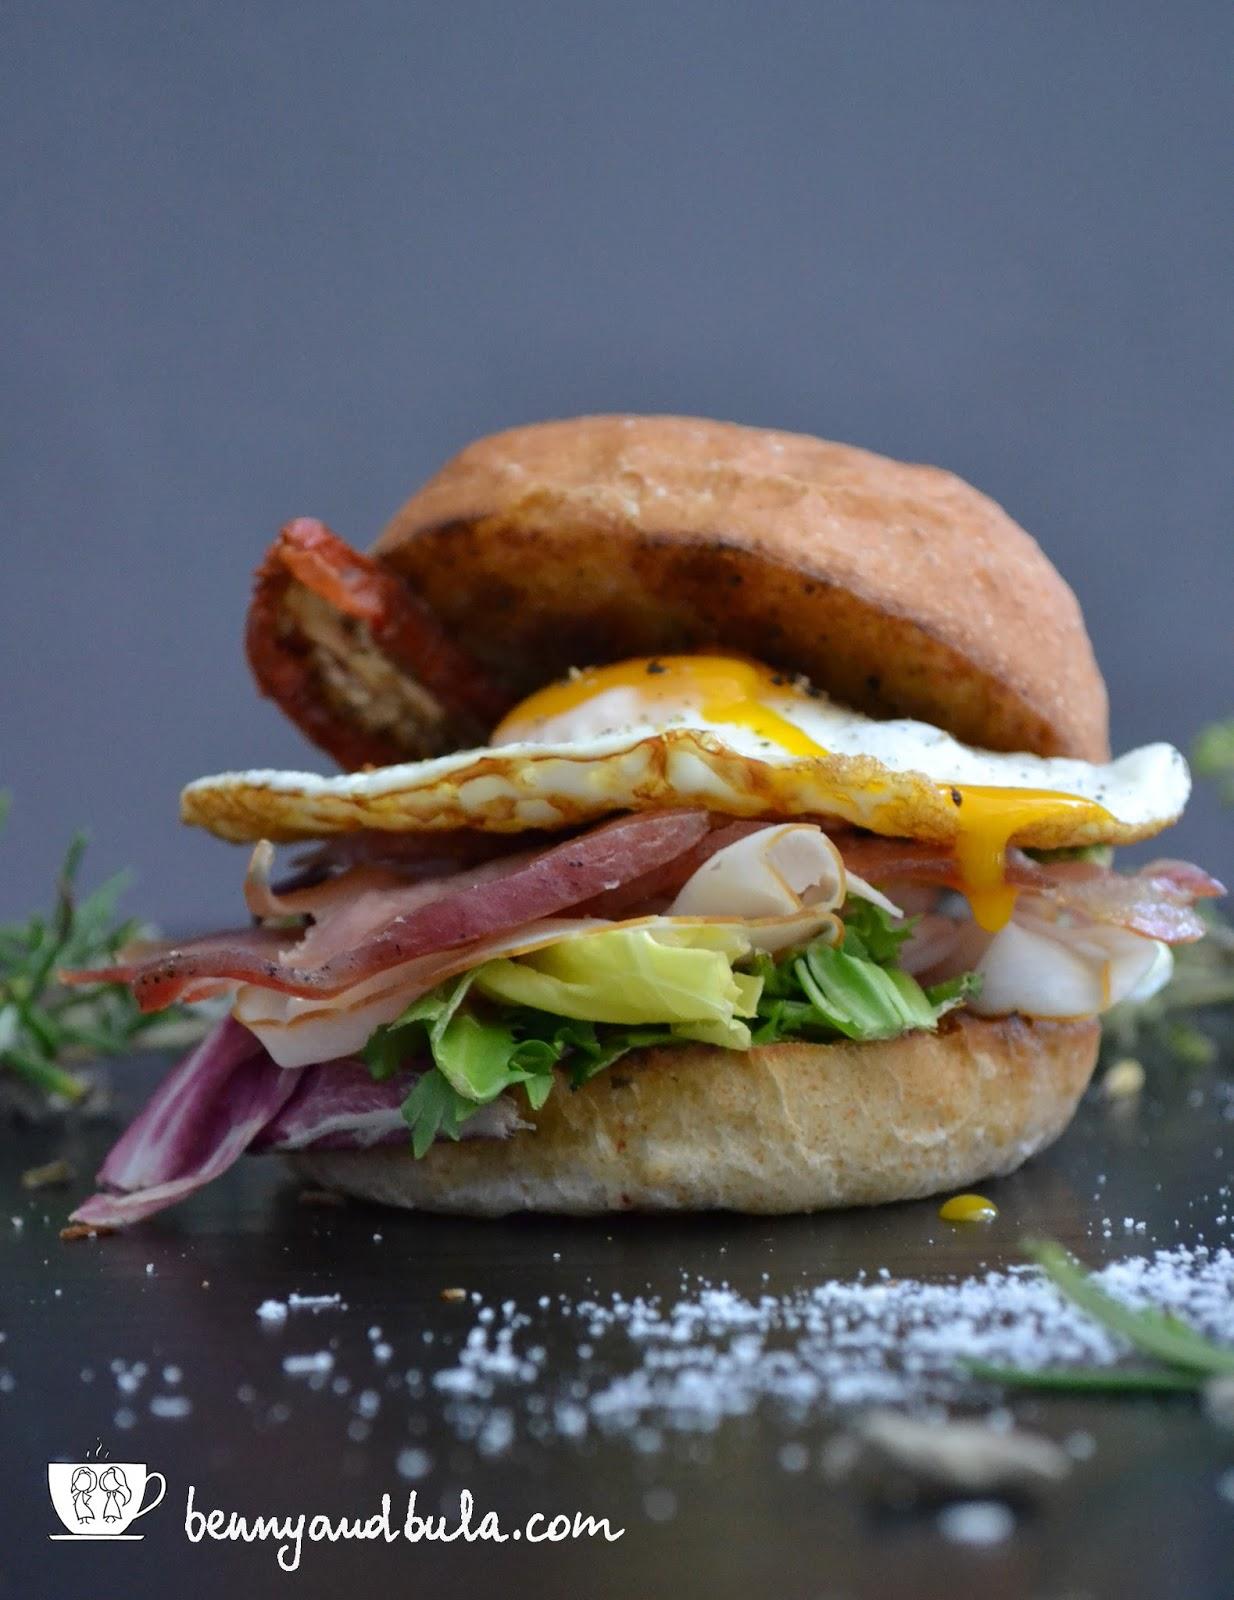 ricetta Carbonara Burger con uovo pecorino guanciale e panini integrali aromatizzati con rosmarino e origano/egg sandwich recipe